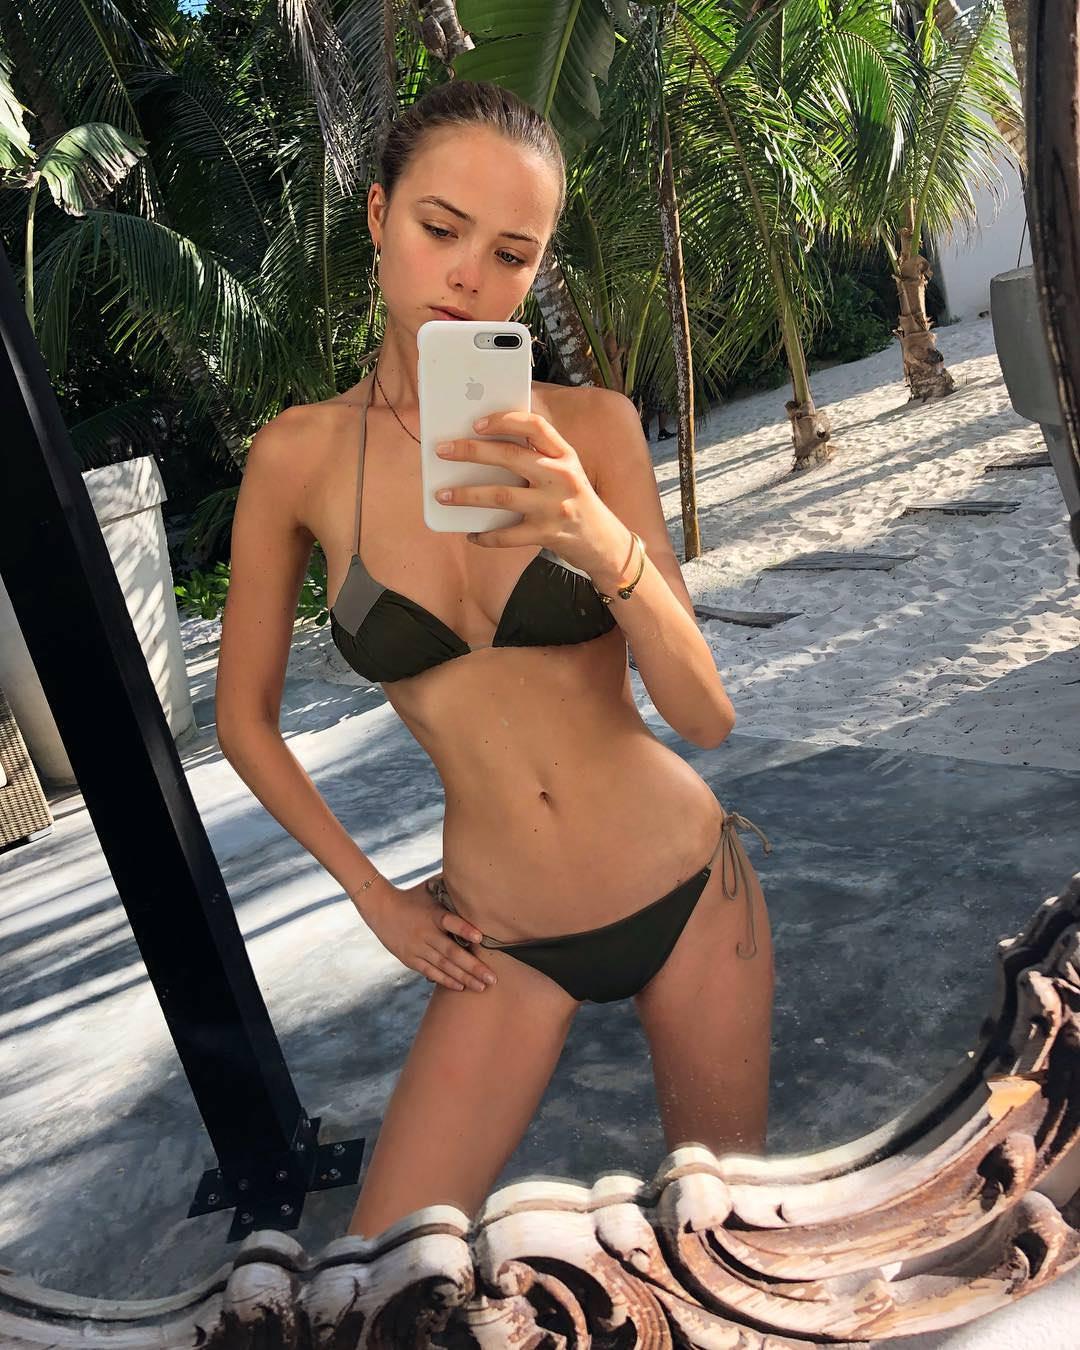 Bikini Jana Jung nudes (95 photos), Ass, Hot, Feet, lingerie 2018